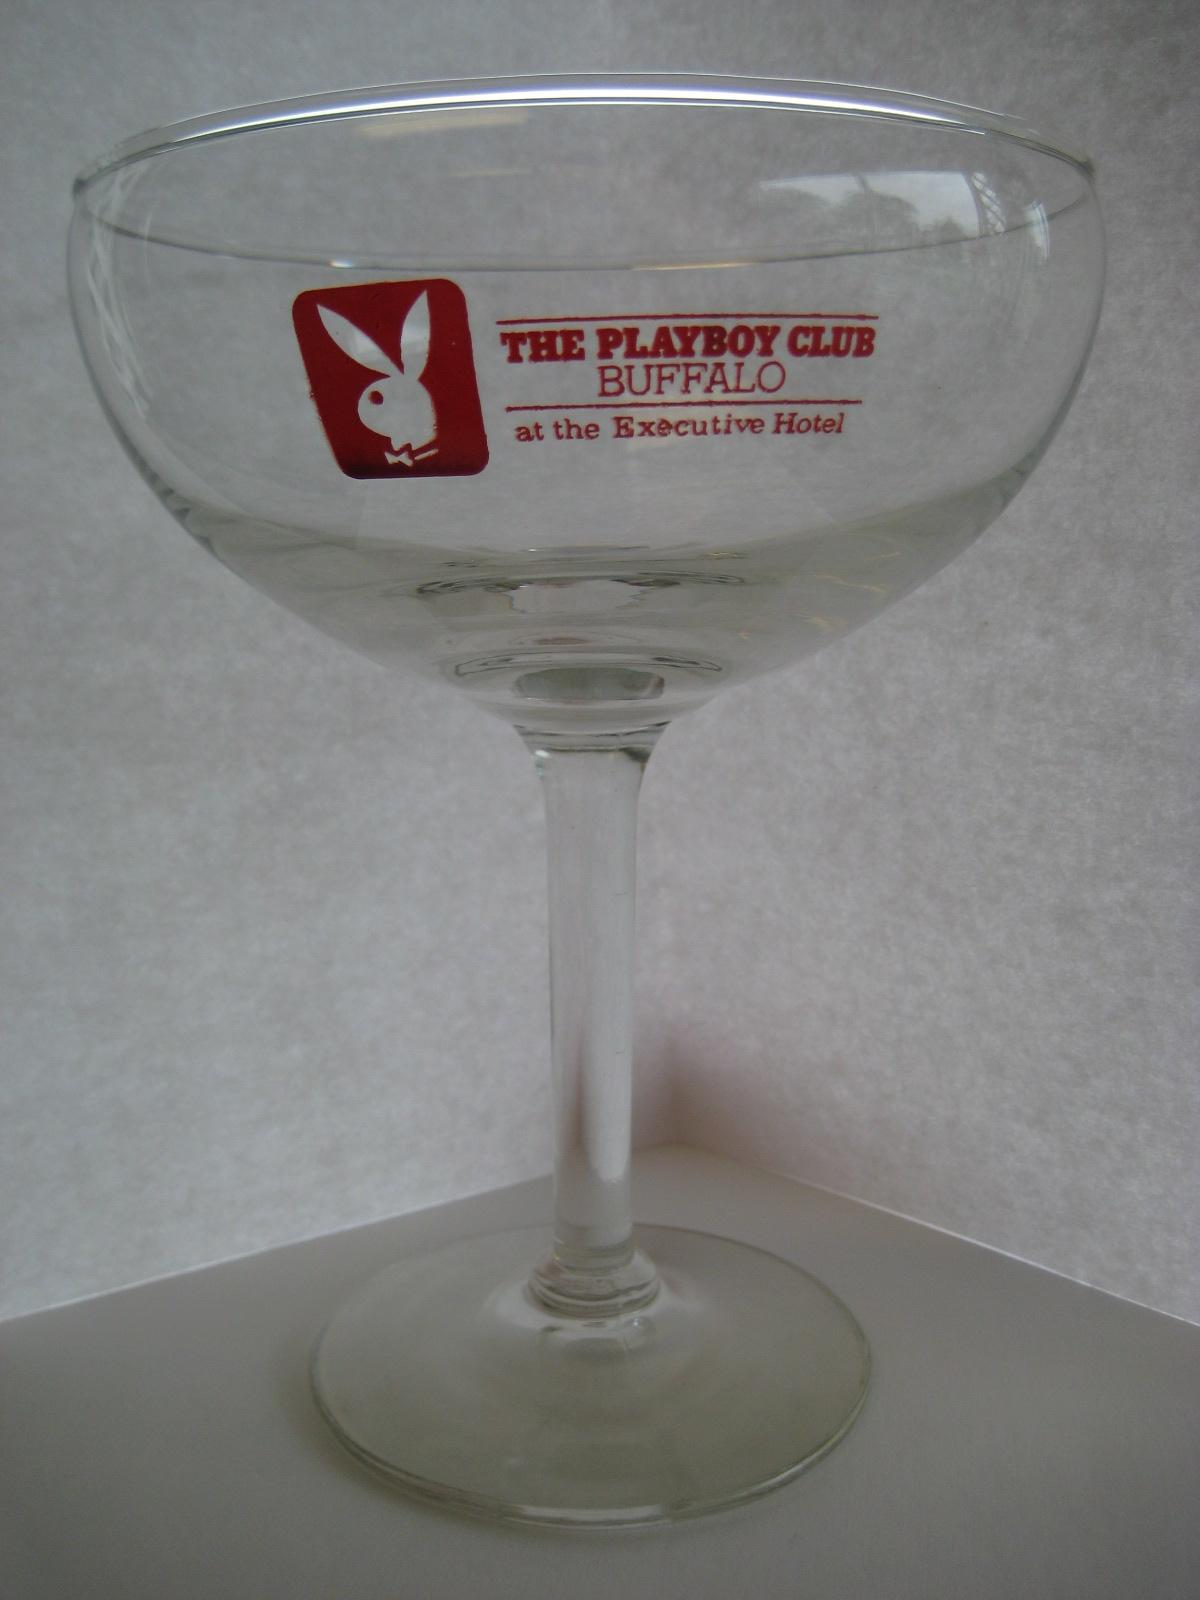 The Playboy Club Buffalo Margarita Glass